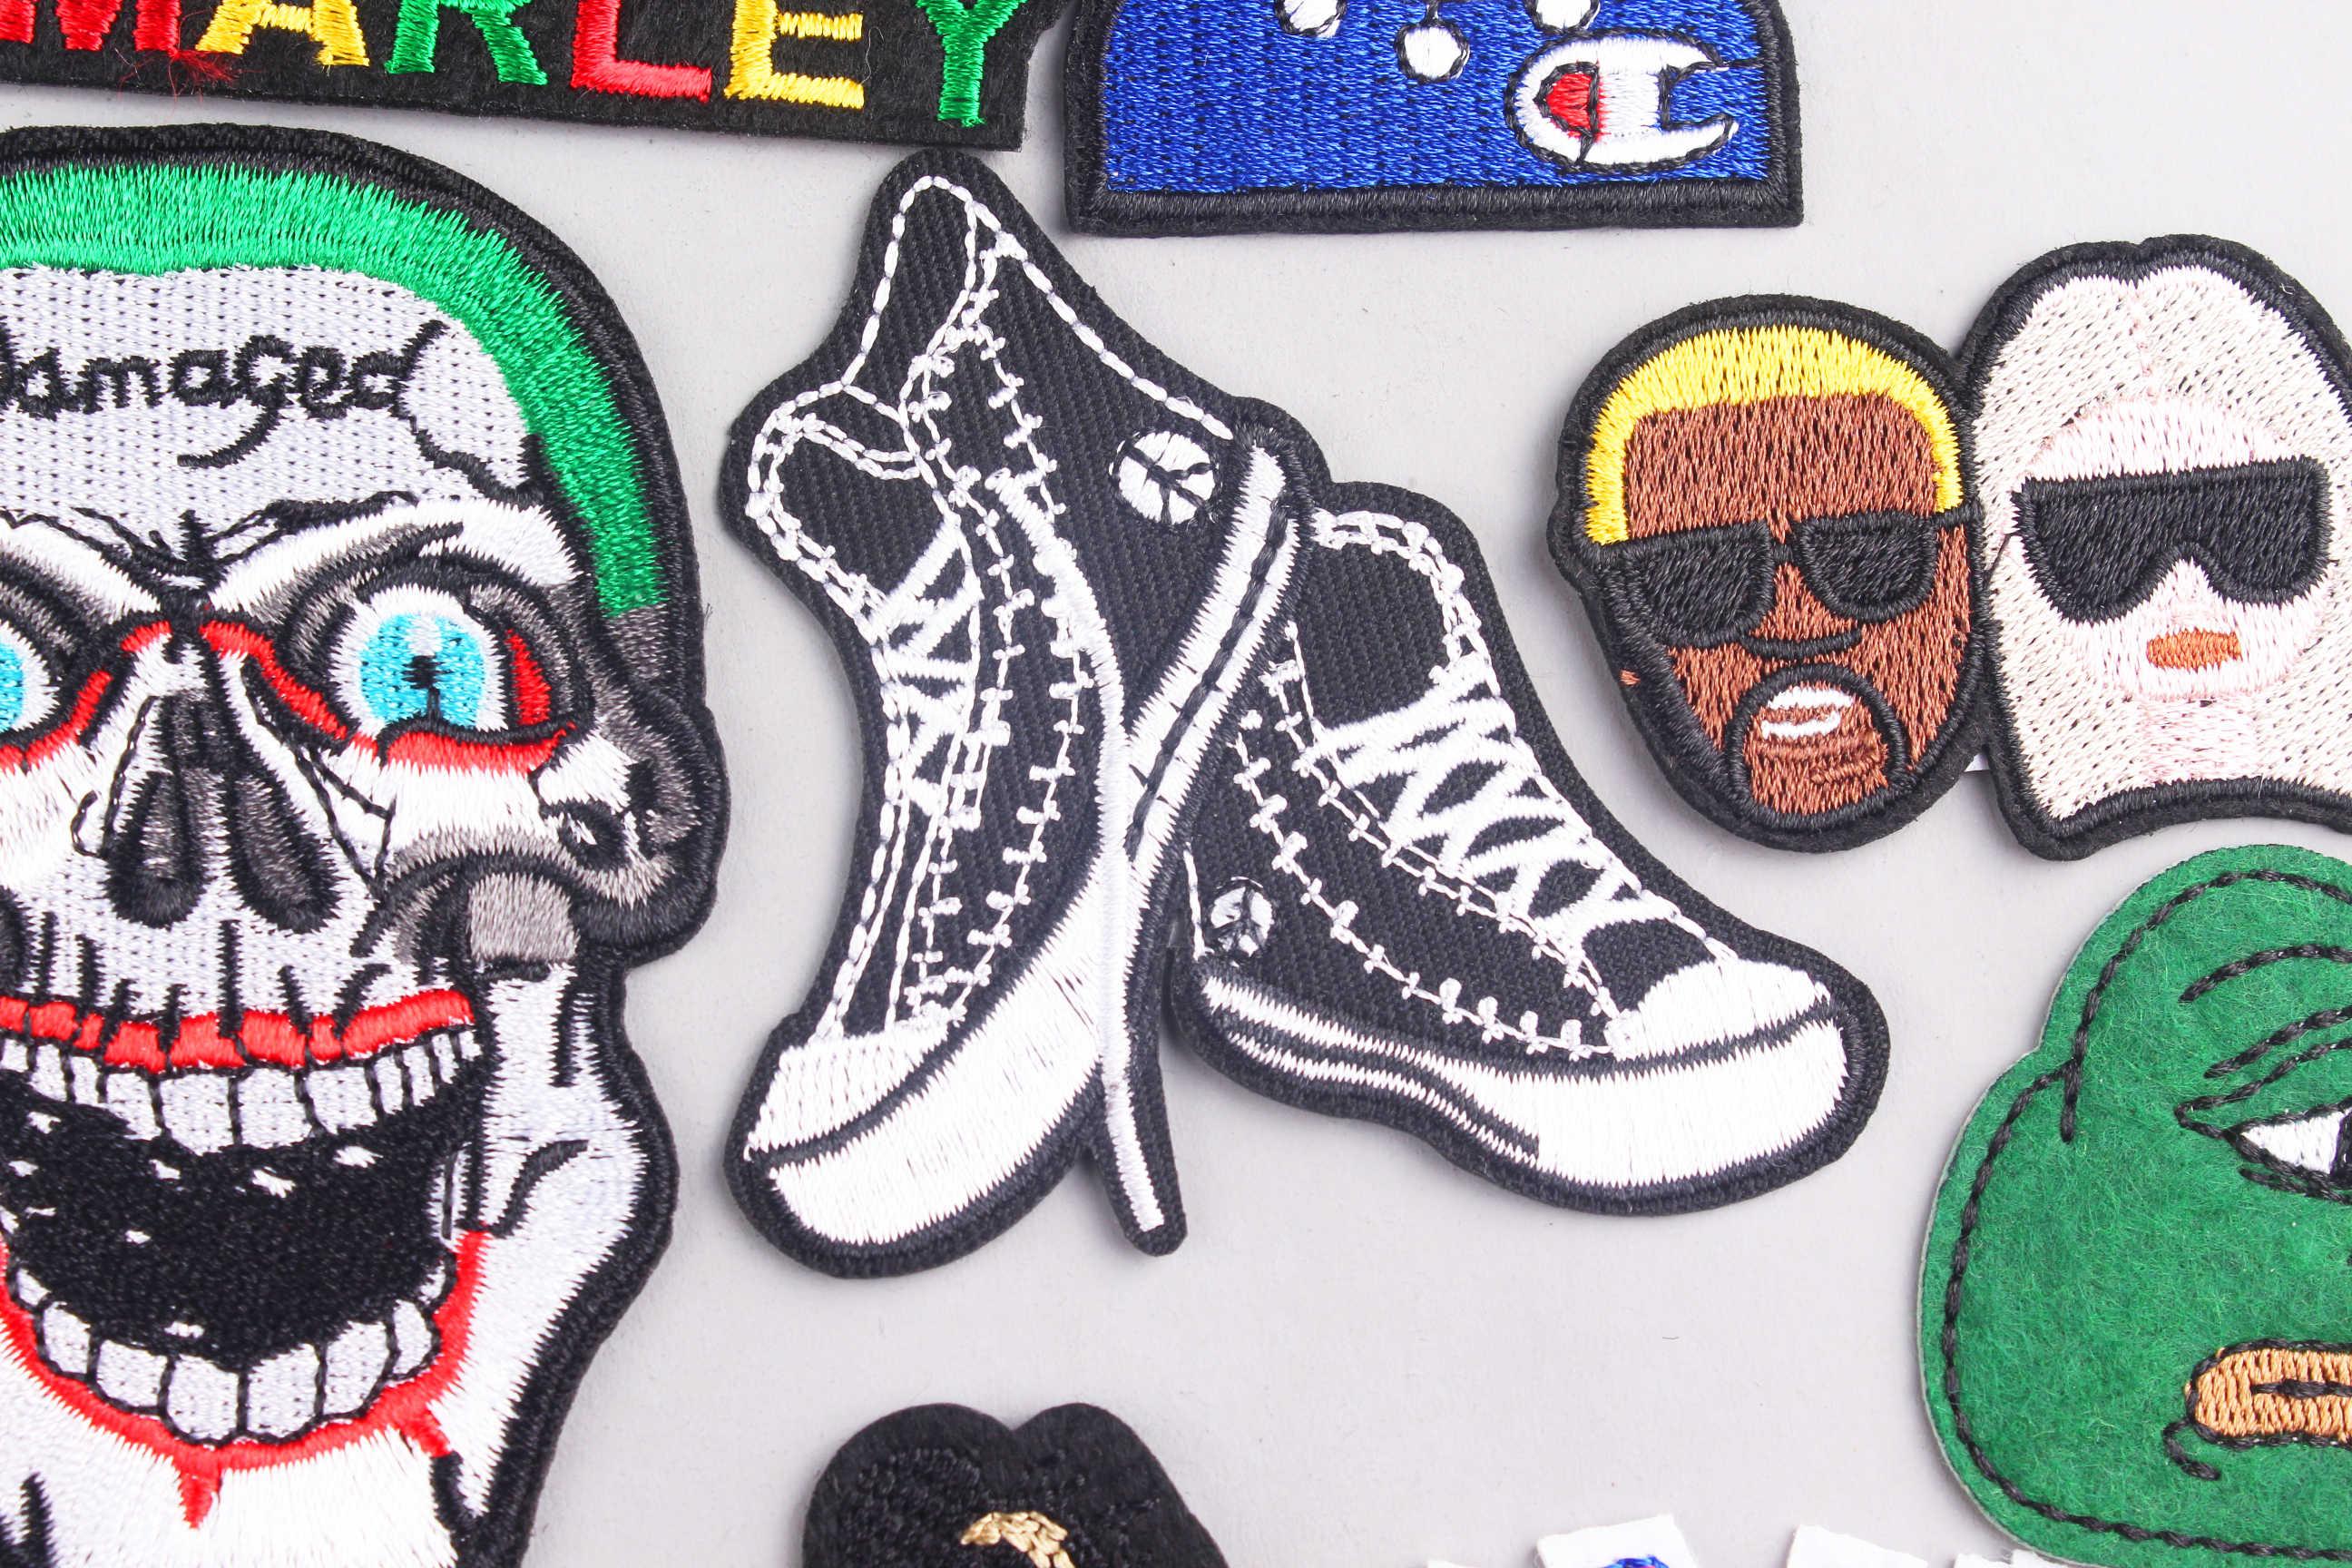 Punk Del Cranio di Ferro Toppe E Stemmi Per Abbigliamento Roccia Hippie Messicano Del Cuore Del Ricamo Patch Decal Sew On Strisce Tshirt Sticker Sui Vestiti